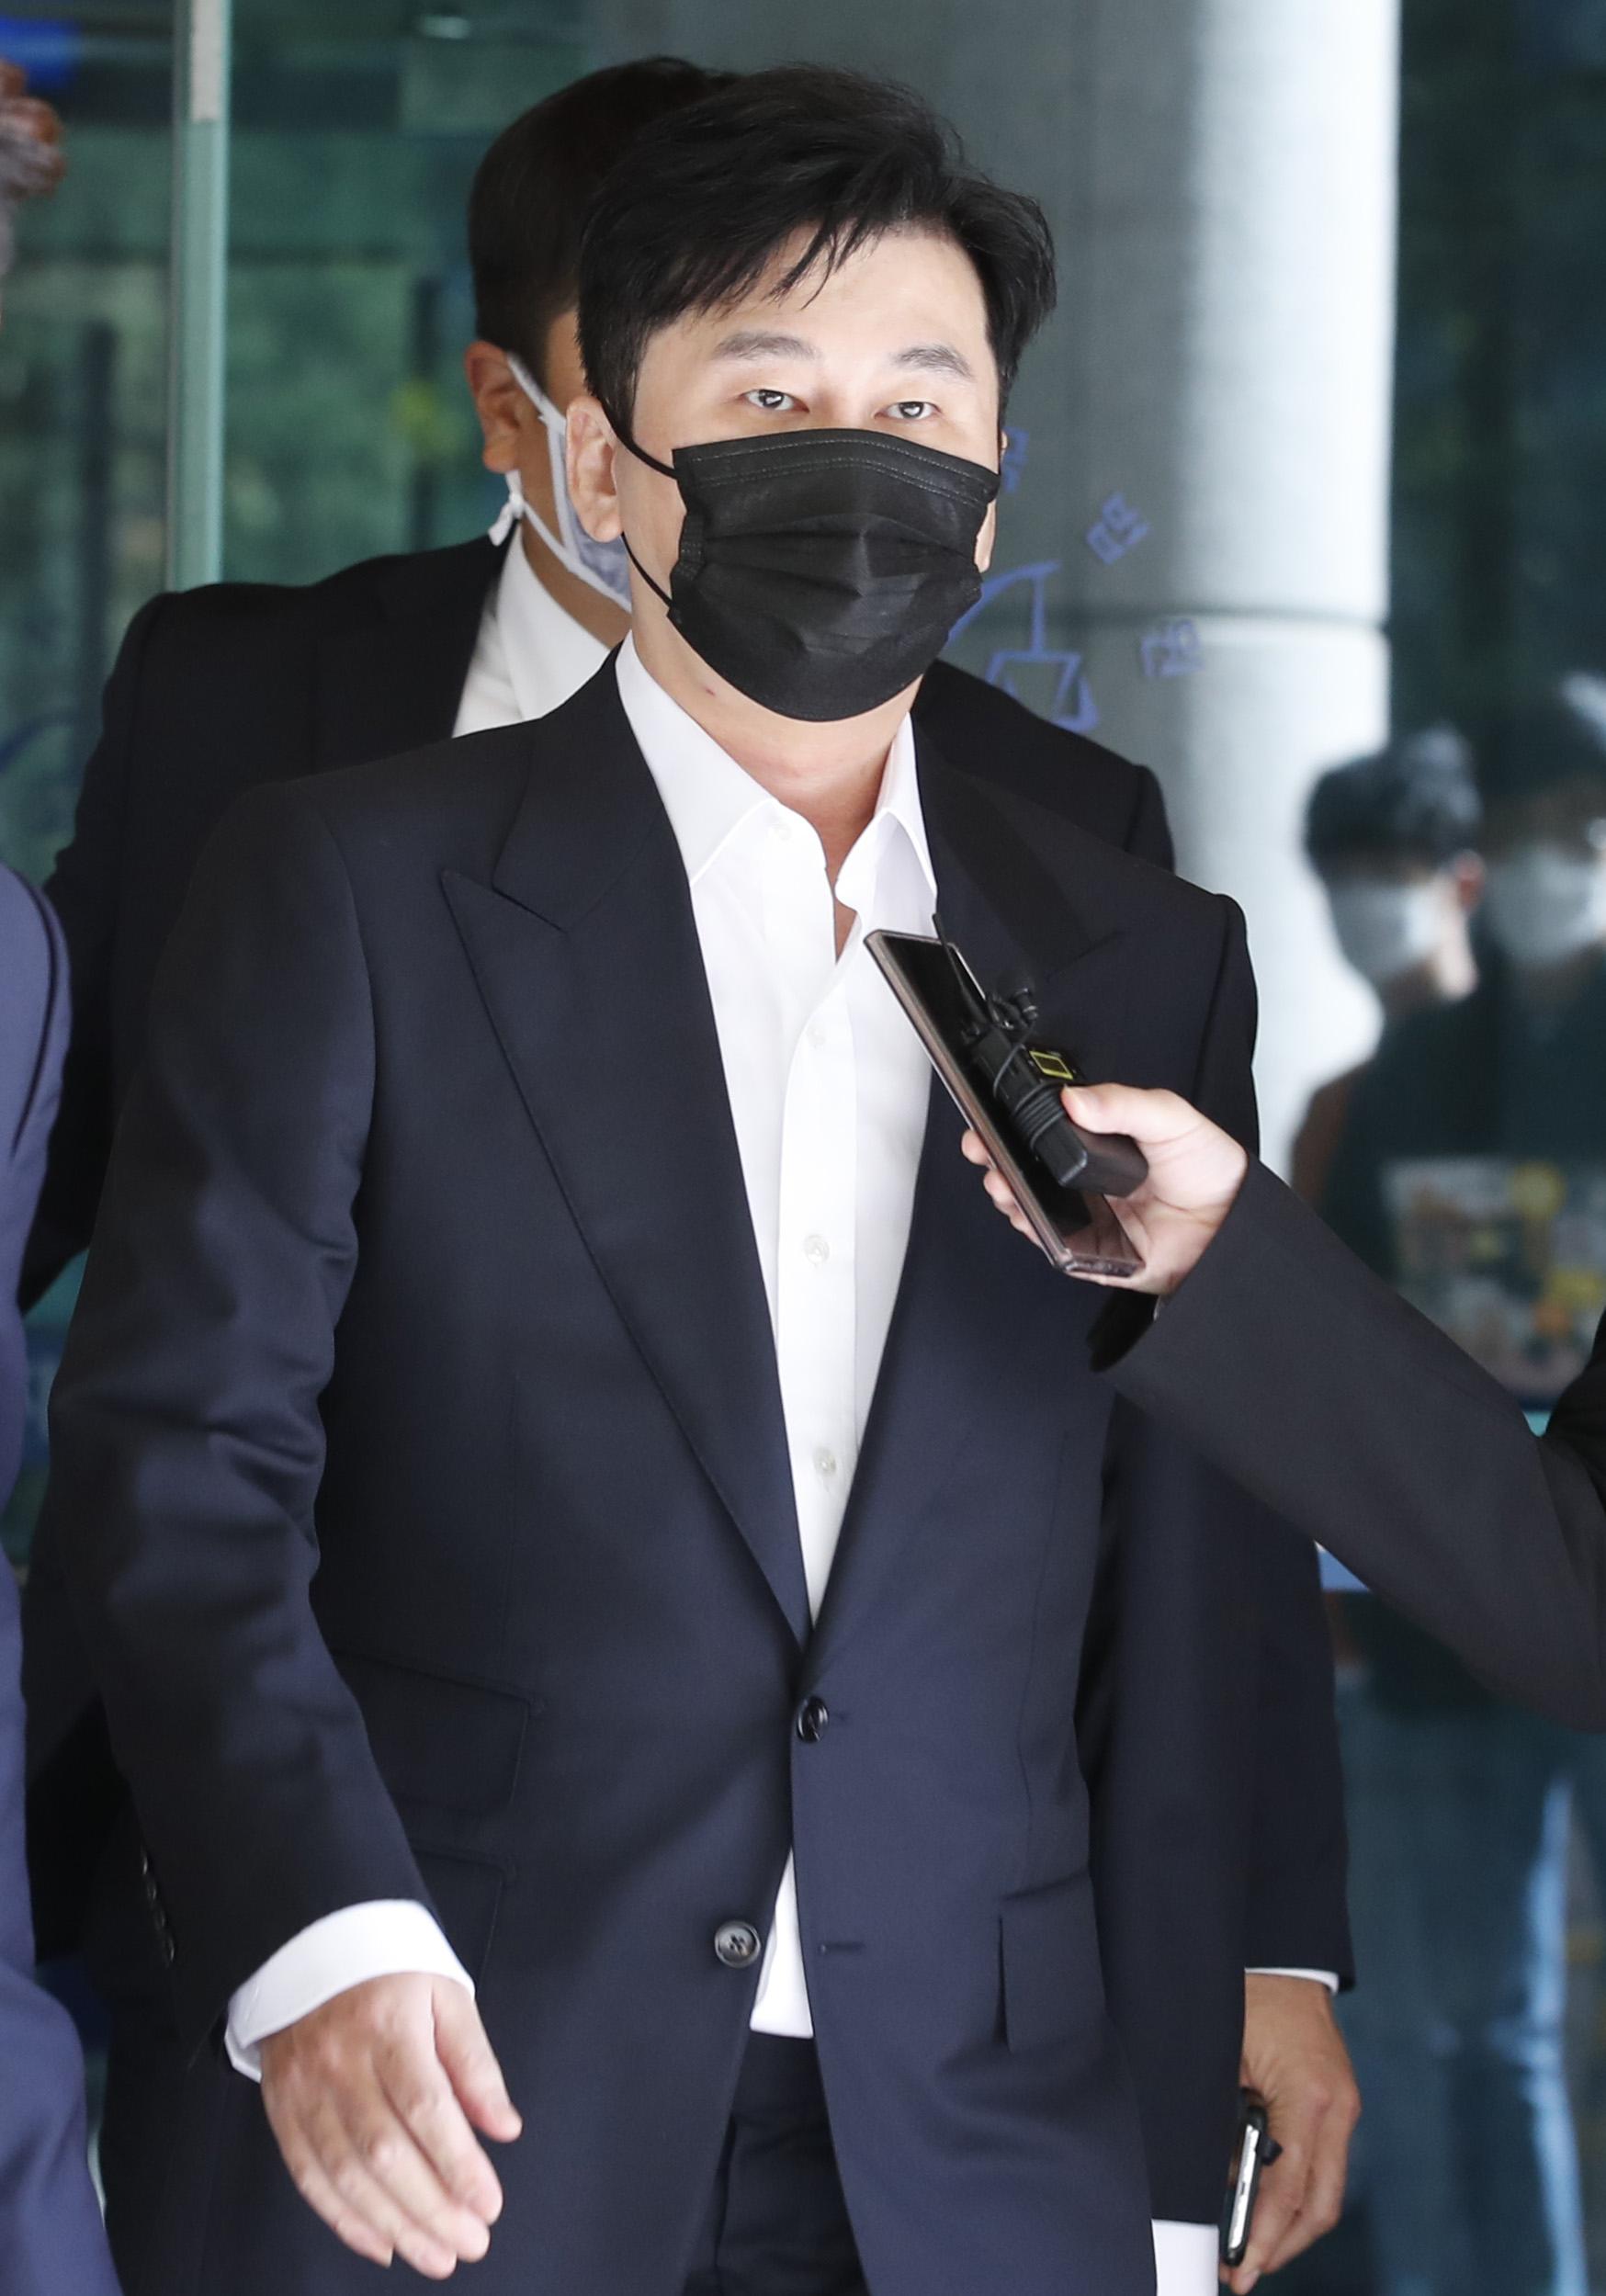 해외에서 수억원대 원정도박을 한 혐의를 받는 양현석 전 YG엔터테인먼트 대표가 28일 오후 서울 마포구 서울서부지방법원에서 열린 두번째 공판을 마치고 법원을 나서고 있다. 뉴스1